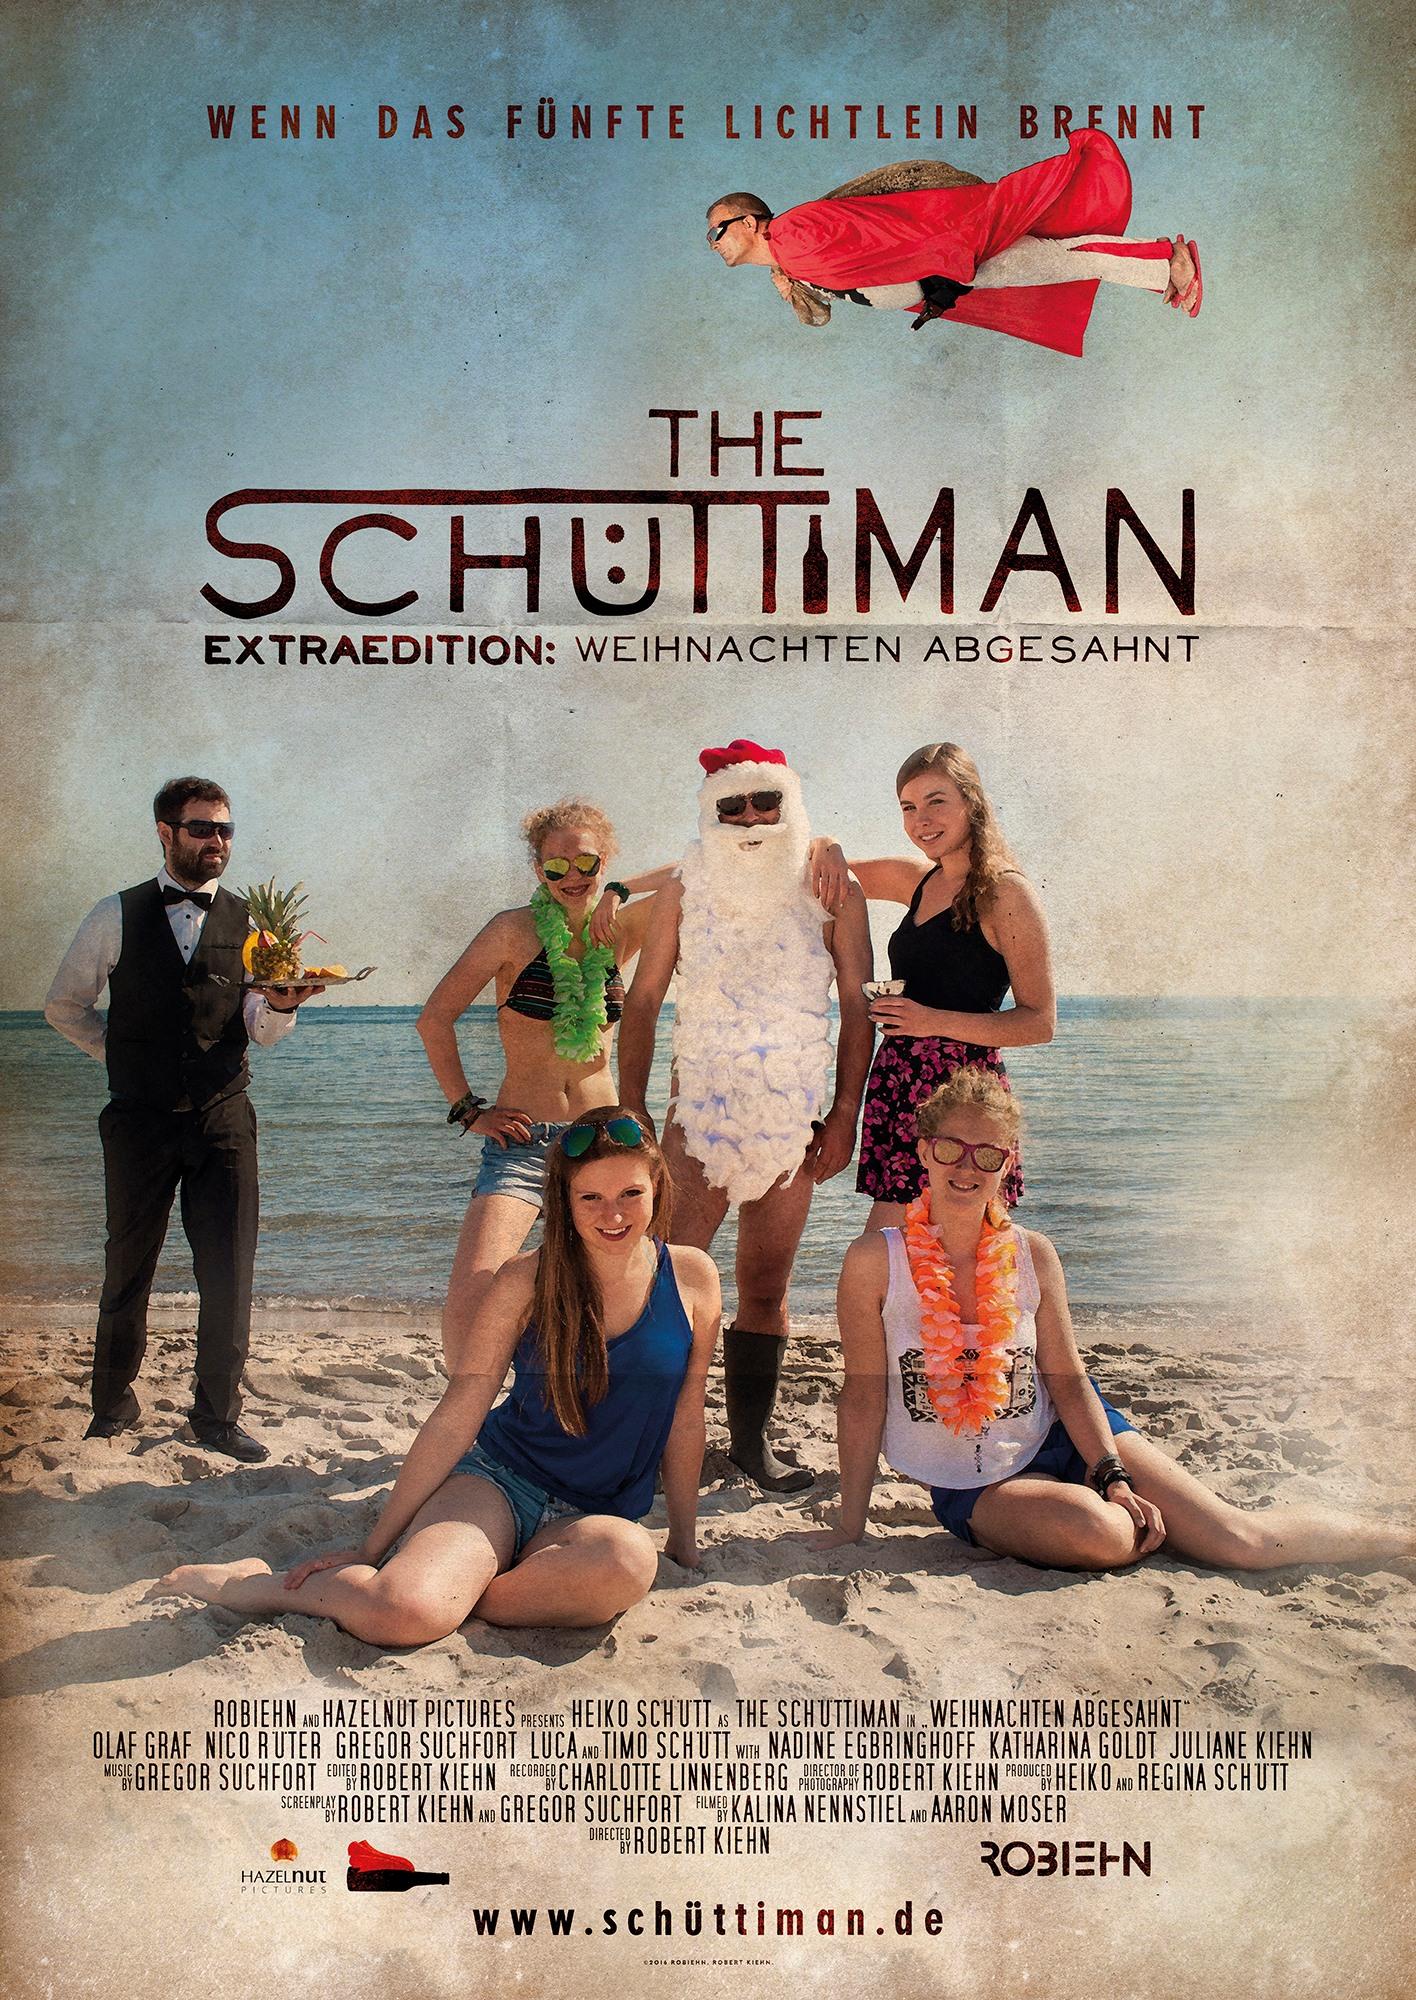 The Schüttiman - Extraedition: Weihnachten abgesahnt